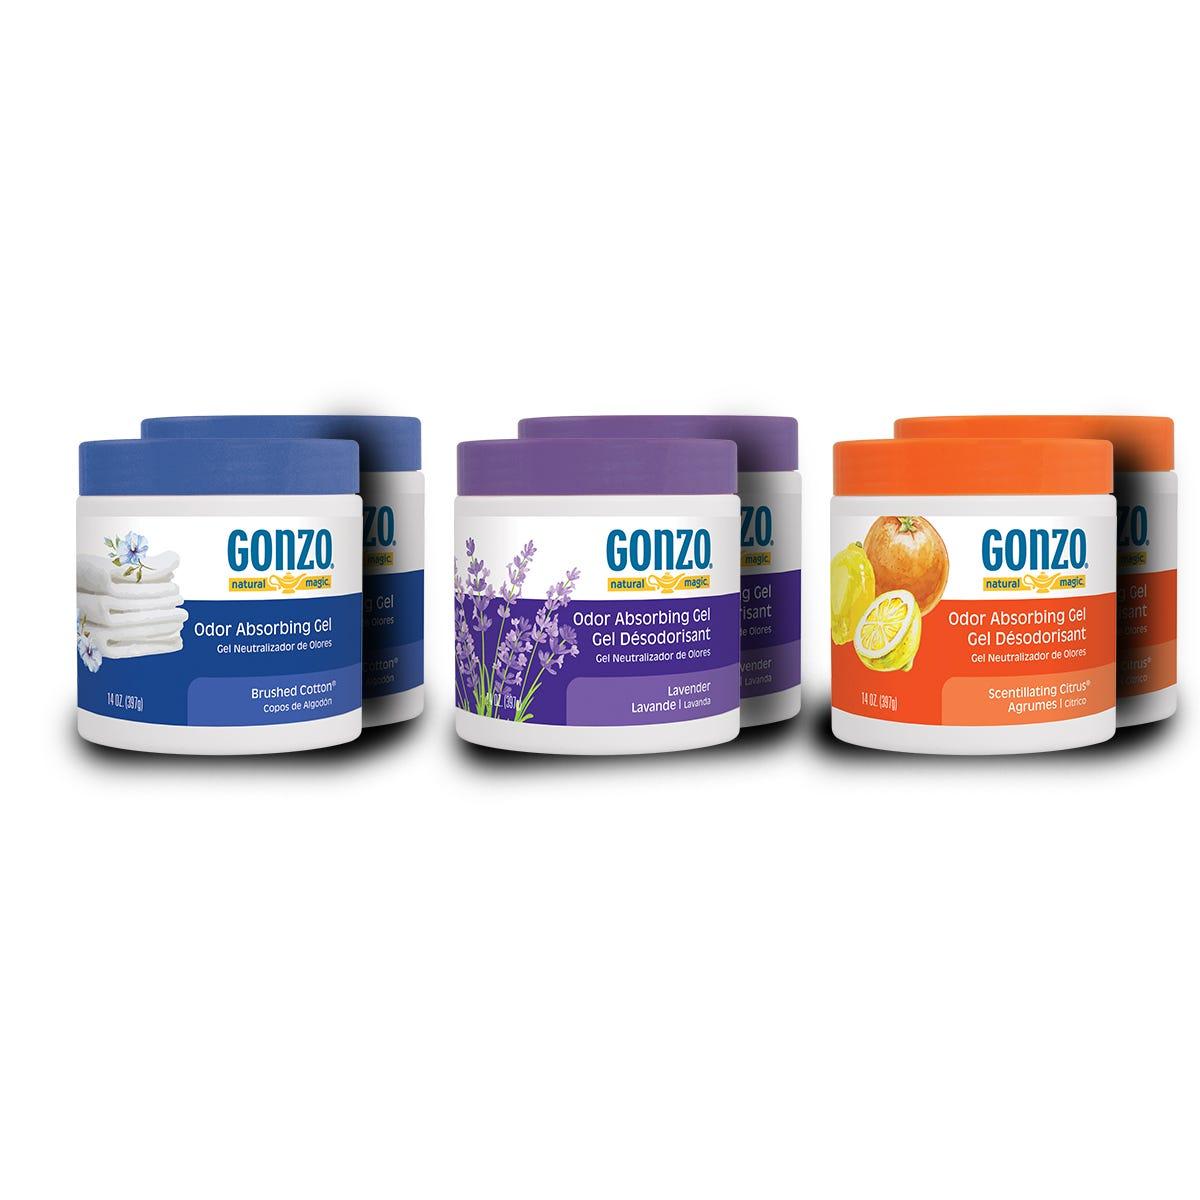 https://googone.com/media/catalog/product/f/r/fresh_smelling_home_gel_pack_1.jpg